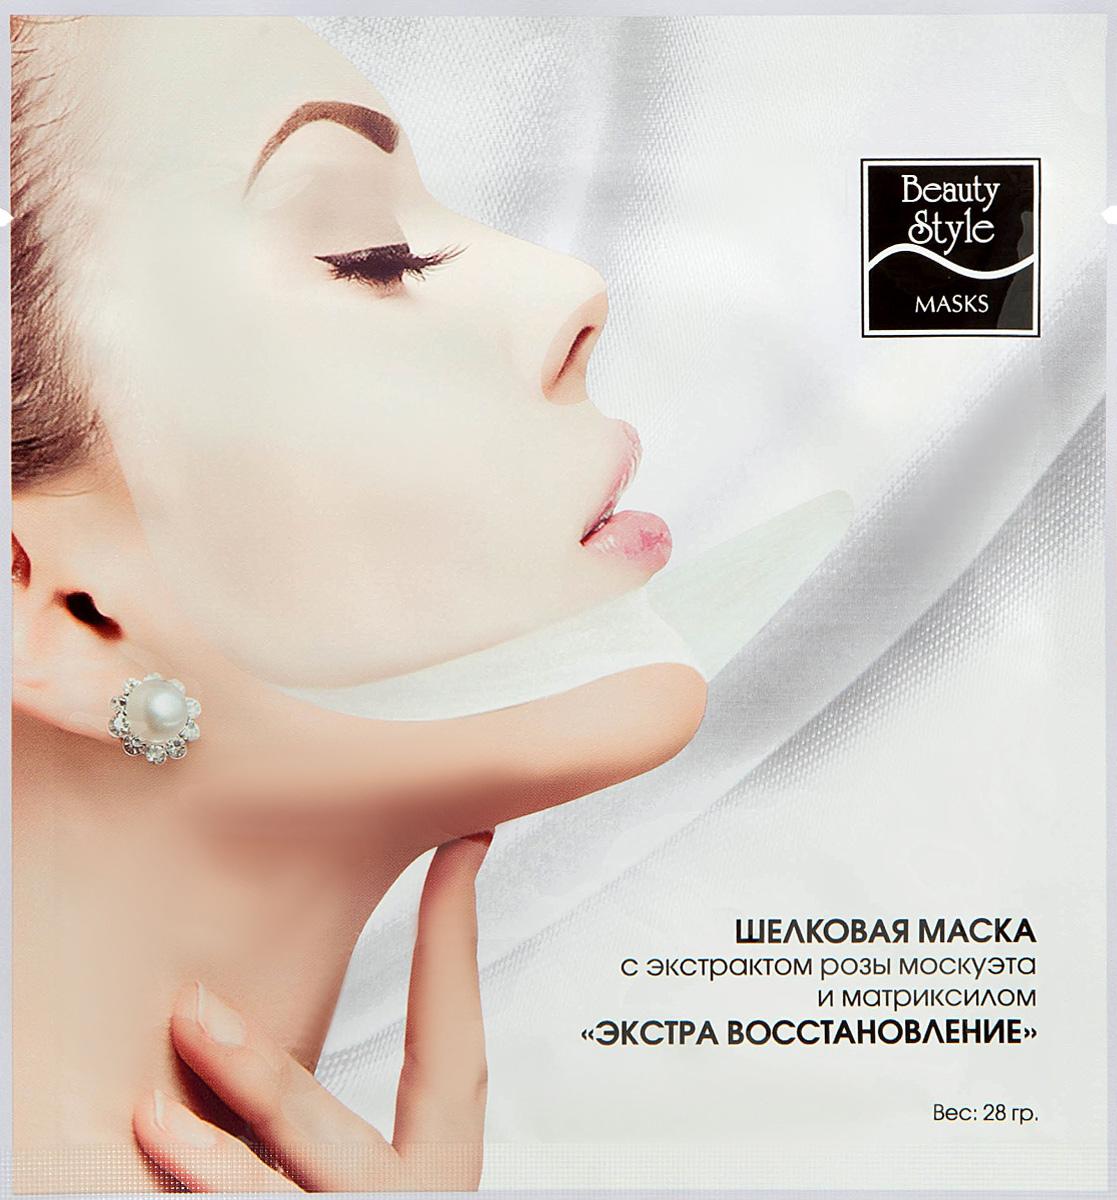 Beauty Style Набор шелковых масок Экстра восстановление с экстрактом розы москуэта и матриксилом, 10х28г4515813Восстанавливающая шелковая маска Экстра восстановление для всех типов кожи, включая чувствительную и гиперчувствительную. Особенно рекомендуется для поврежденной кожи. Активные компоненты, входящие в состав маски, насыщают кожу витаминами и микроэлементами. Маска эффективно устраняет покраснение и раздражение.